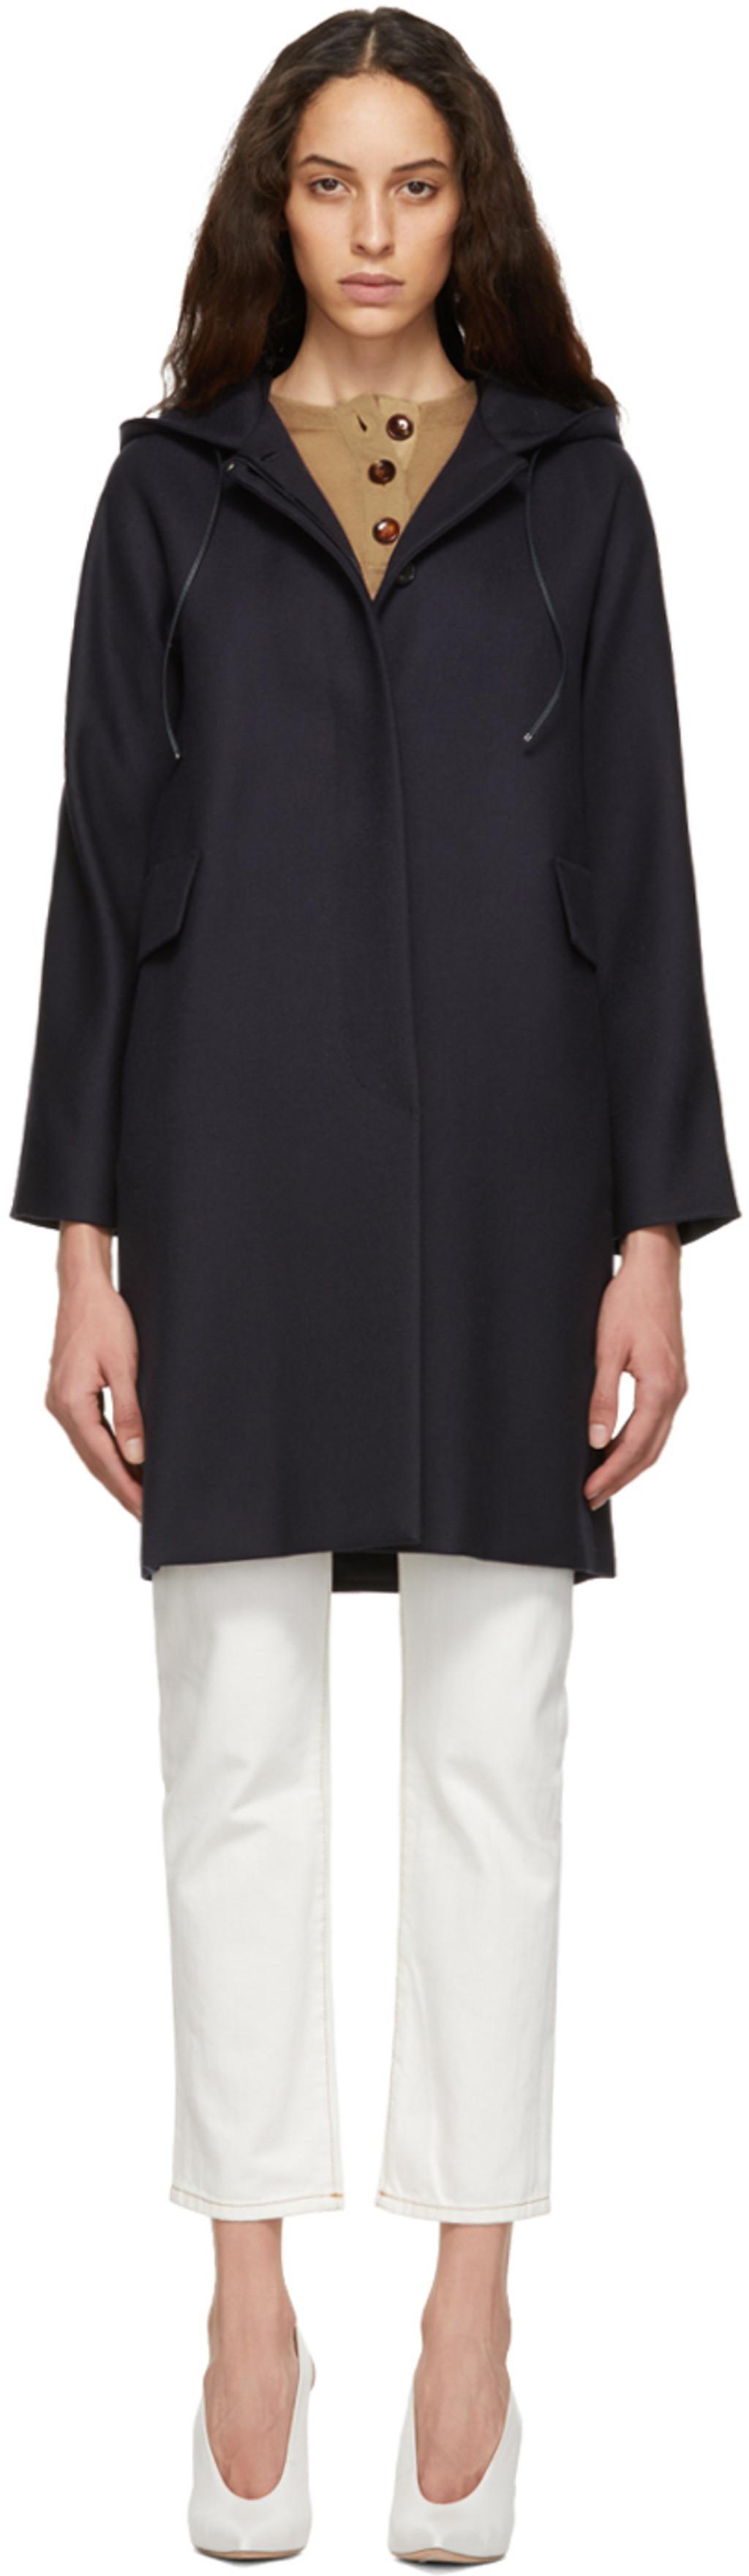 Manteaux et vestes de créateurs pour Femmes   SSENSE France 4342001b69fa